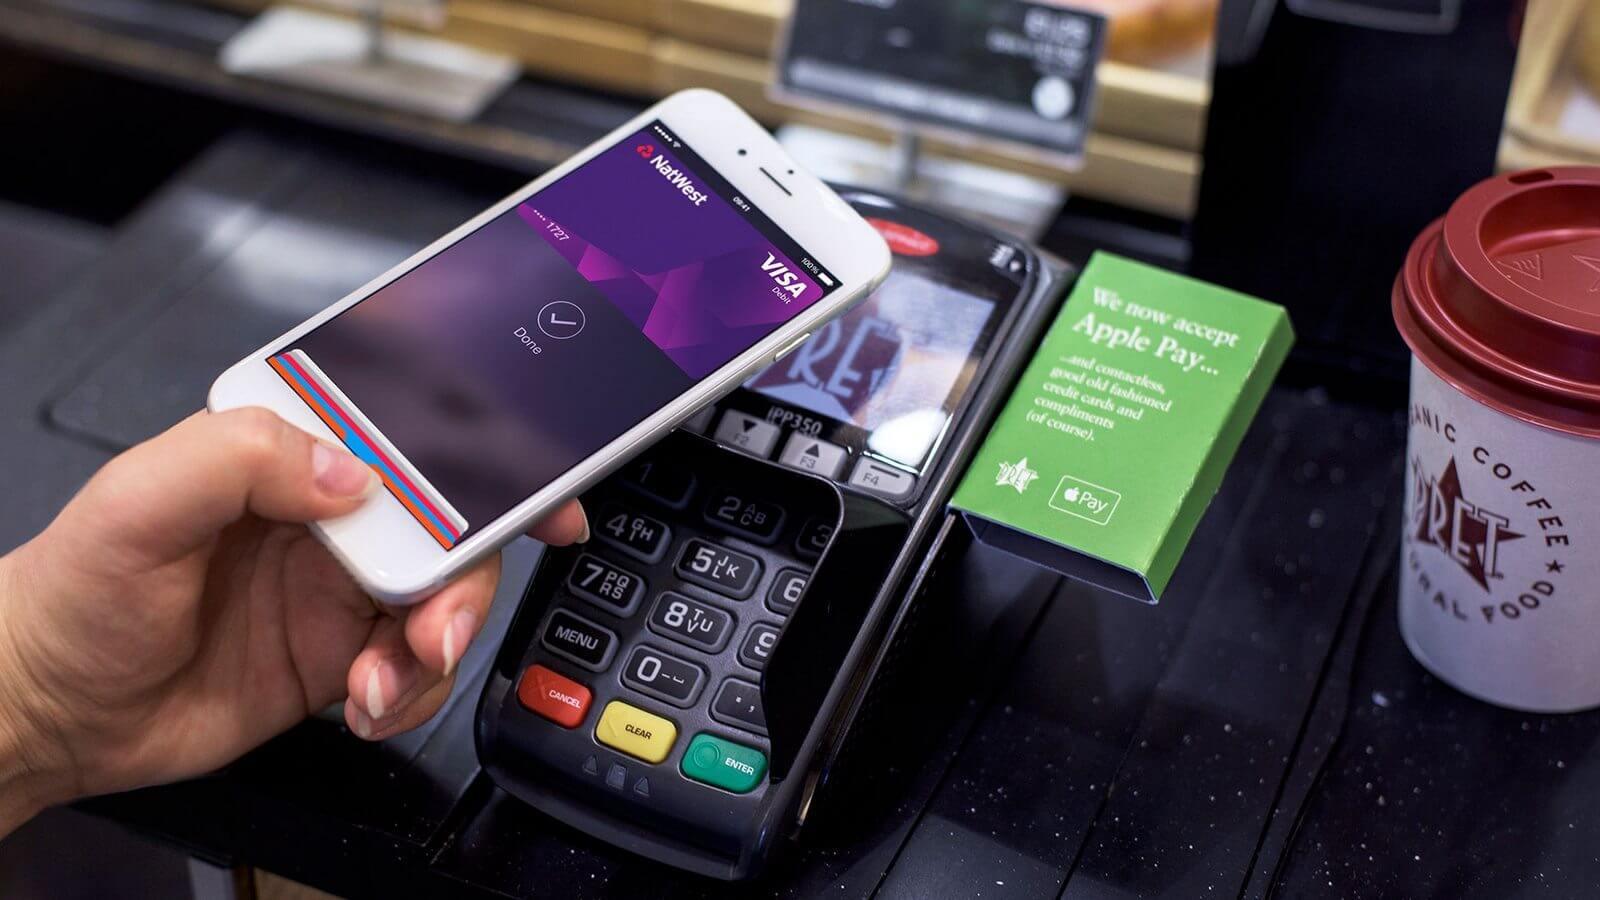 Apple Pay: Forte evidência sugere chegada no Brasil em breve